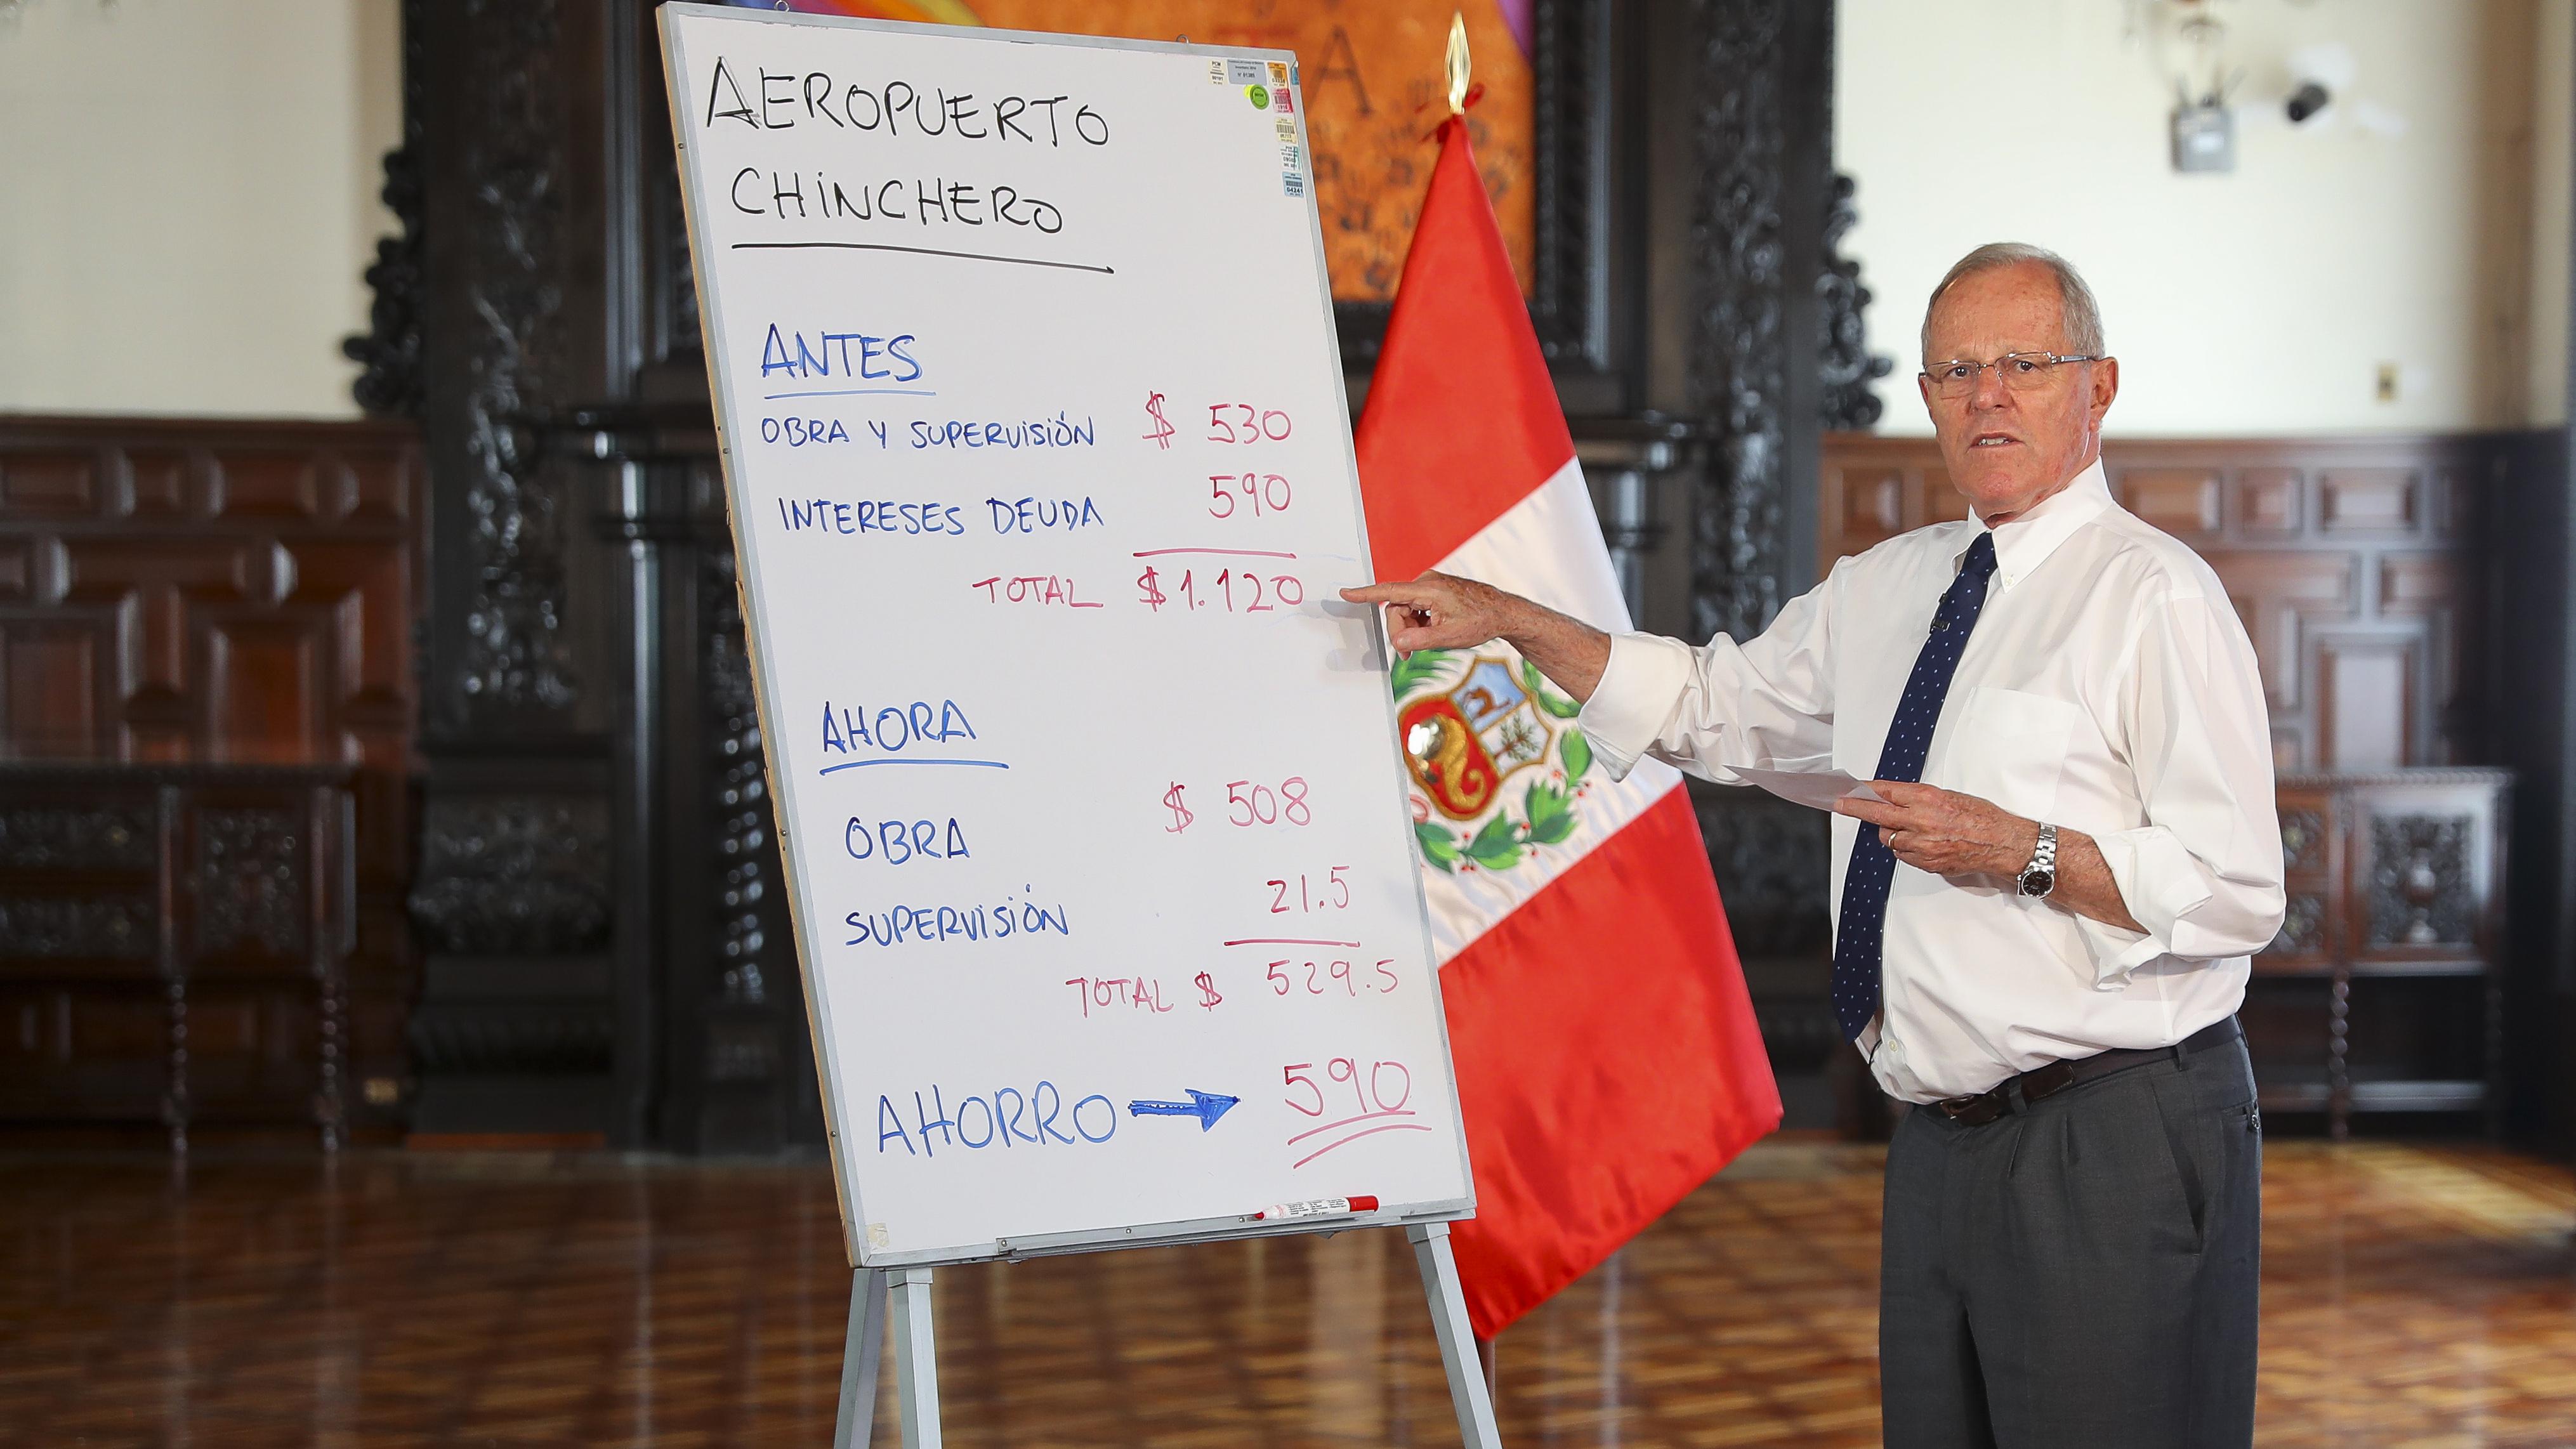 El presidente uso una pizarra para explicar que el Estado ahorra dinero con la nueva adenda del contrato para el aeropuerto de Chinchero.